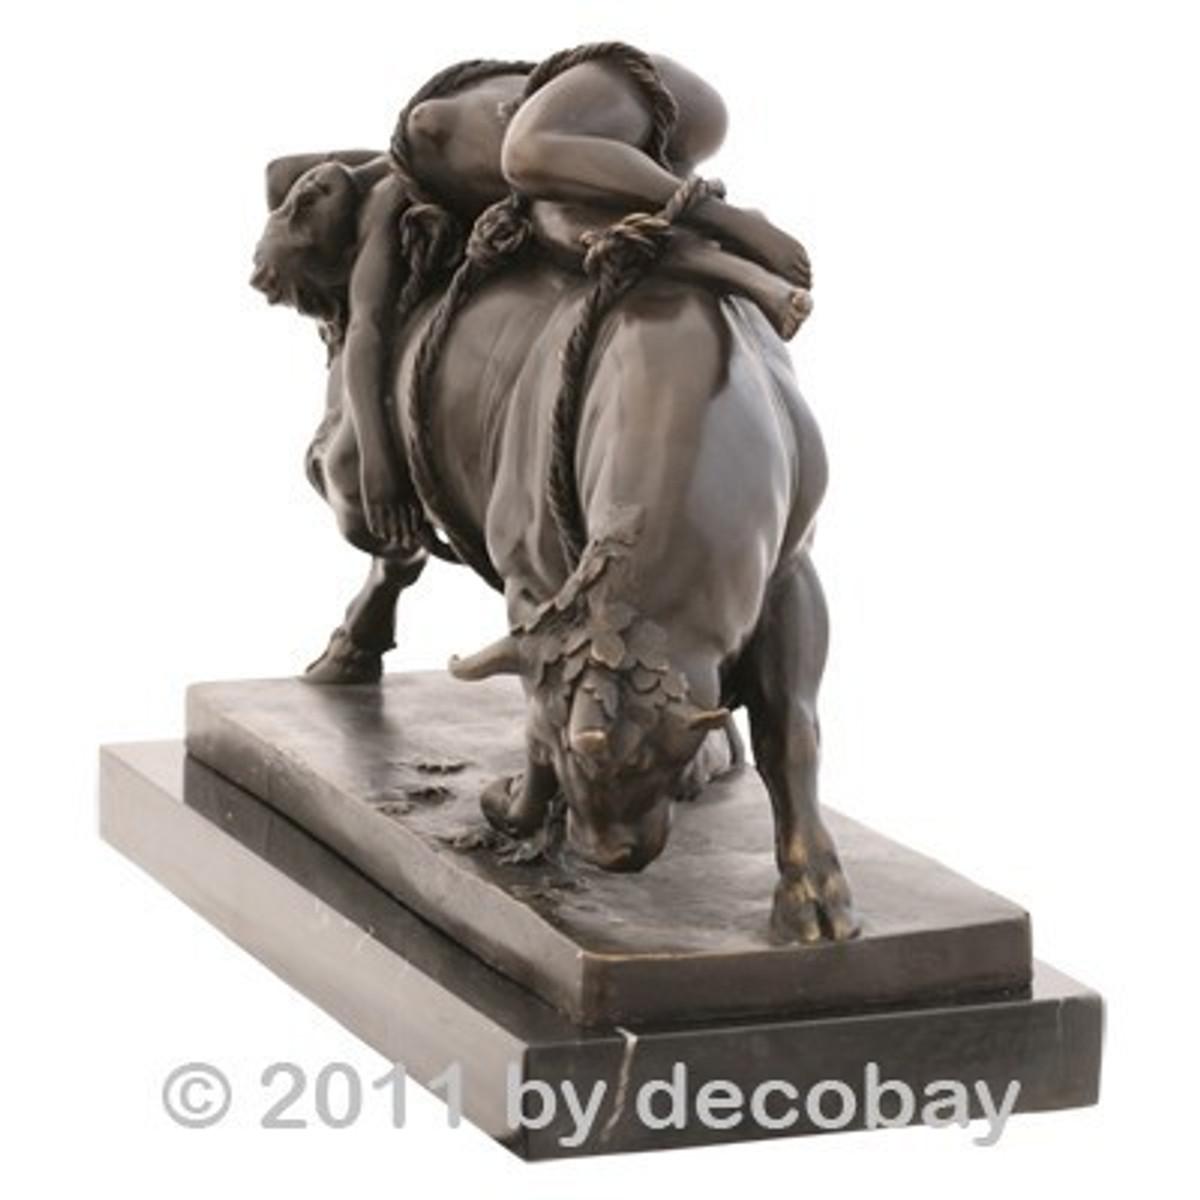 Nackte Frau auf Stier Bronzeskulptur , festgebunden an den Bullen.